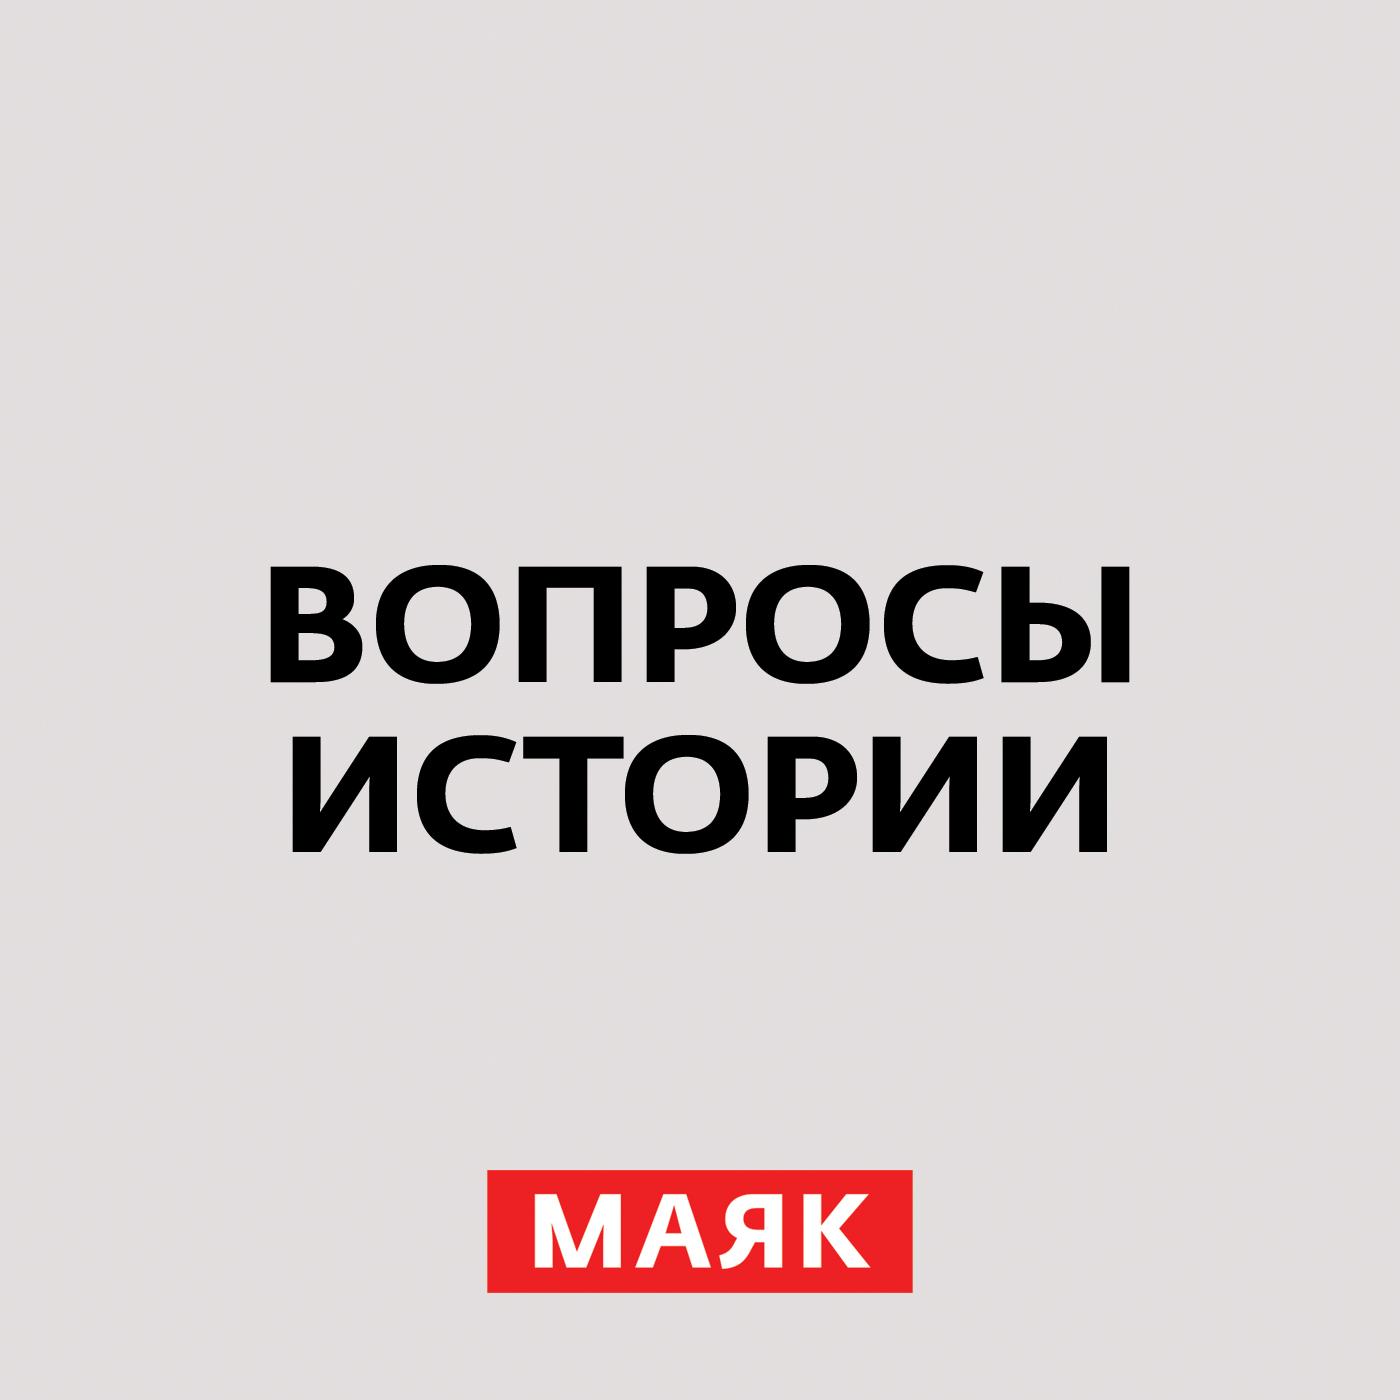 Андрей Светенко Медицина в годы Великой Отечественной андрей светенко ленд лиз в годы вов мифы и реальность